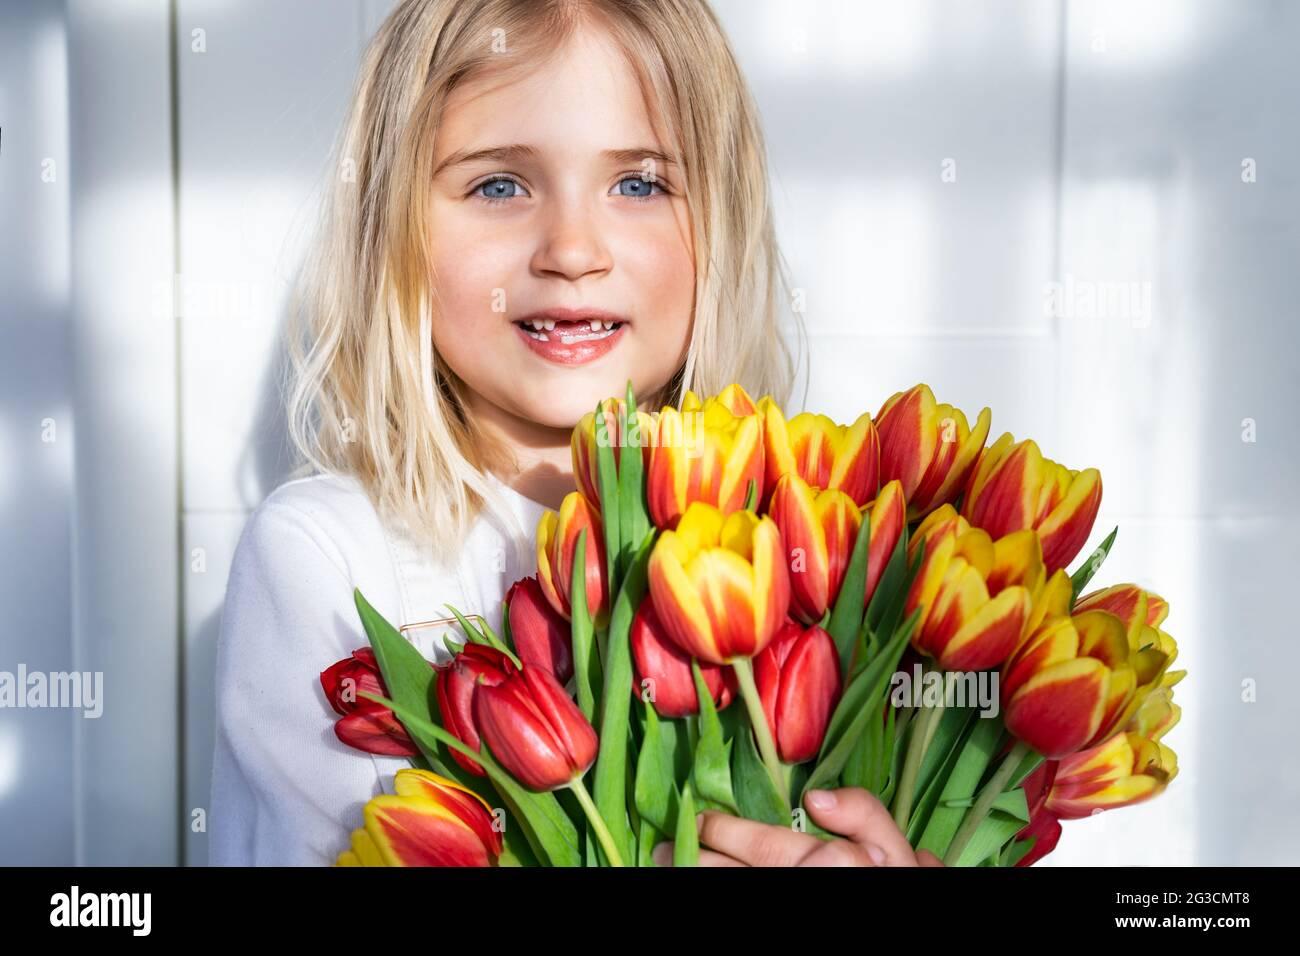 petite fille sans dents souriante avec un énorme bouquet de tulipes sur fond blanc avec lumière directe du soleil et ombres. Obtenir des fleurs. Bouquet cadeau Banque D'Images